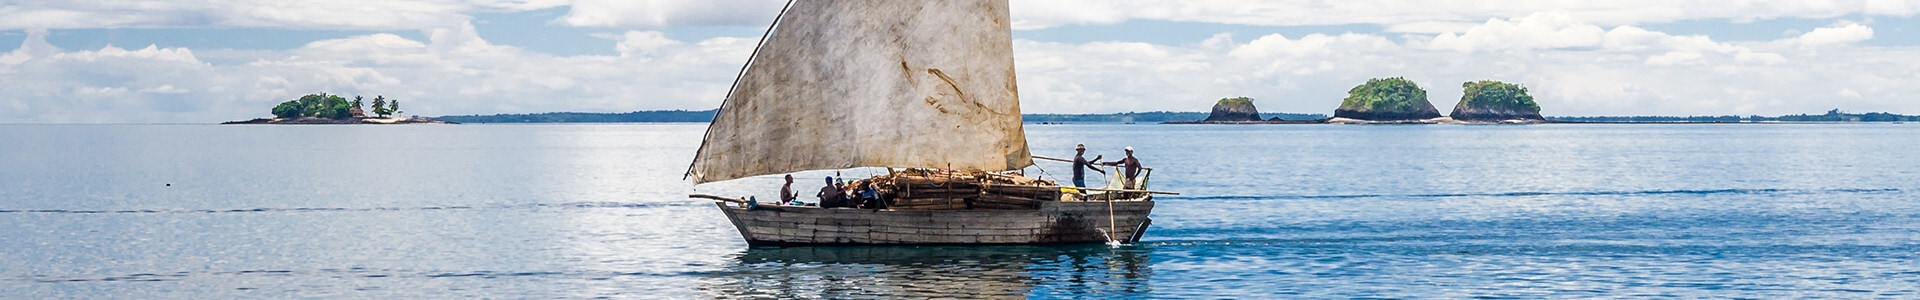 Voyage a Mayotte - TUI